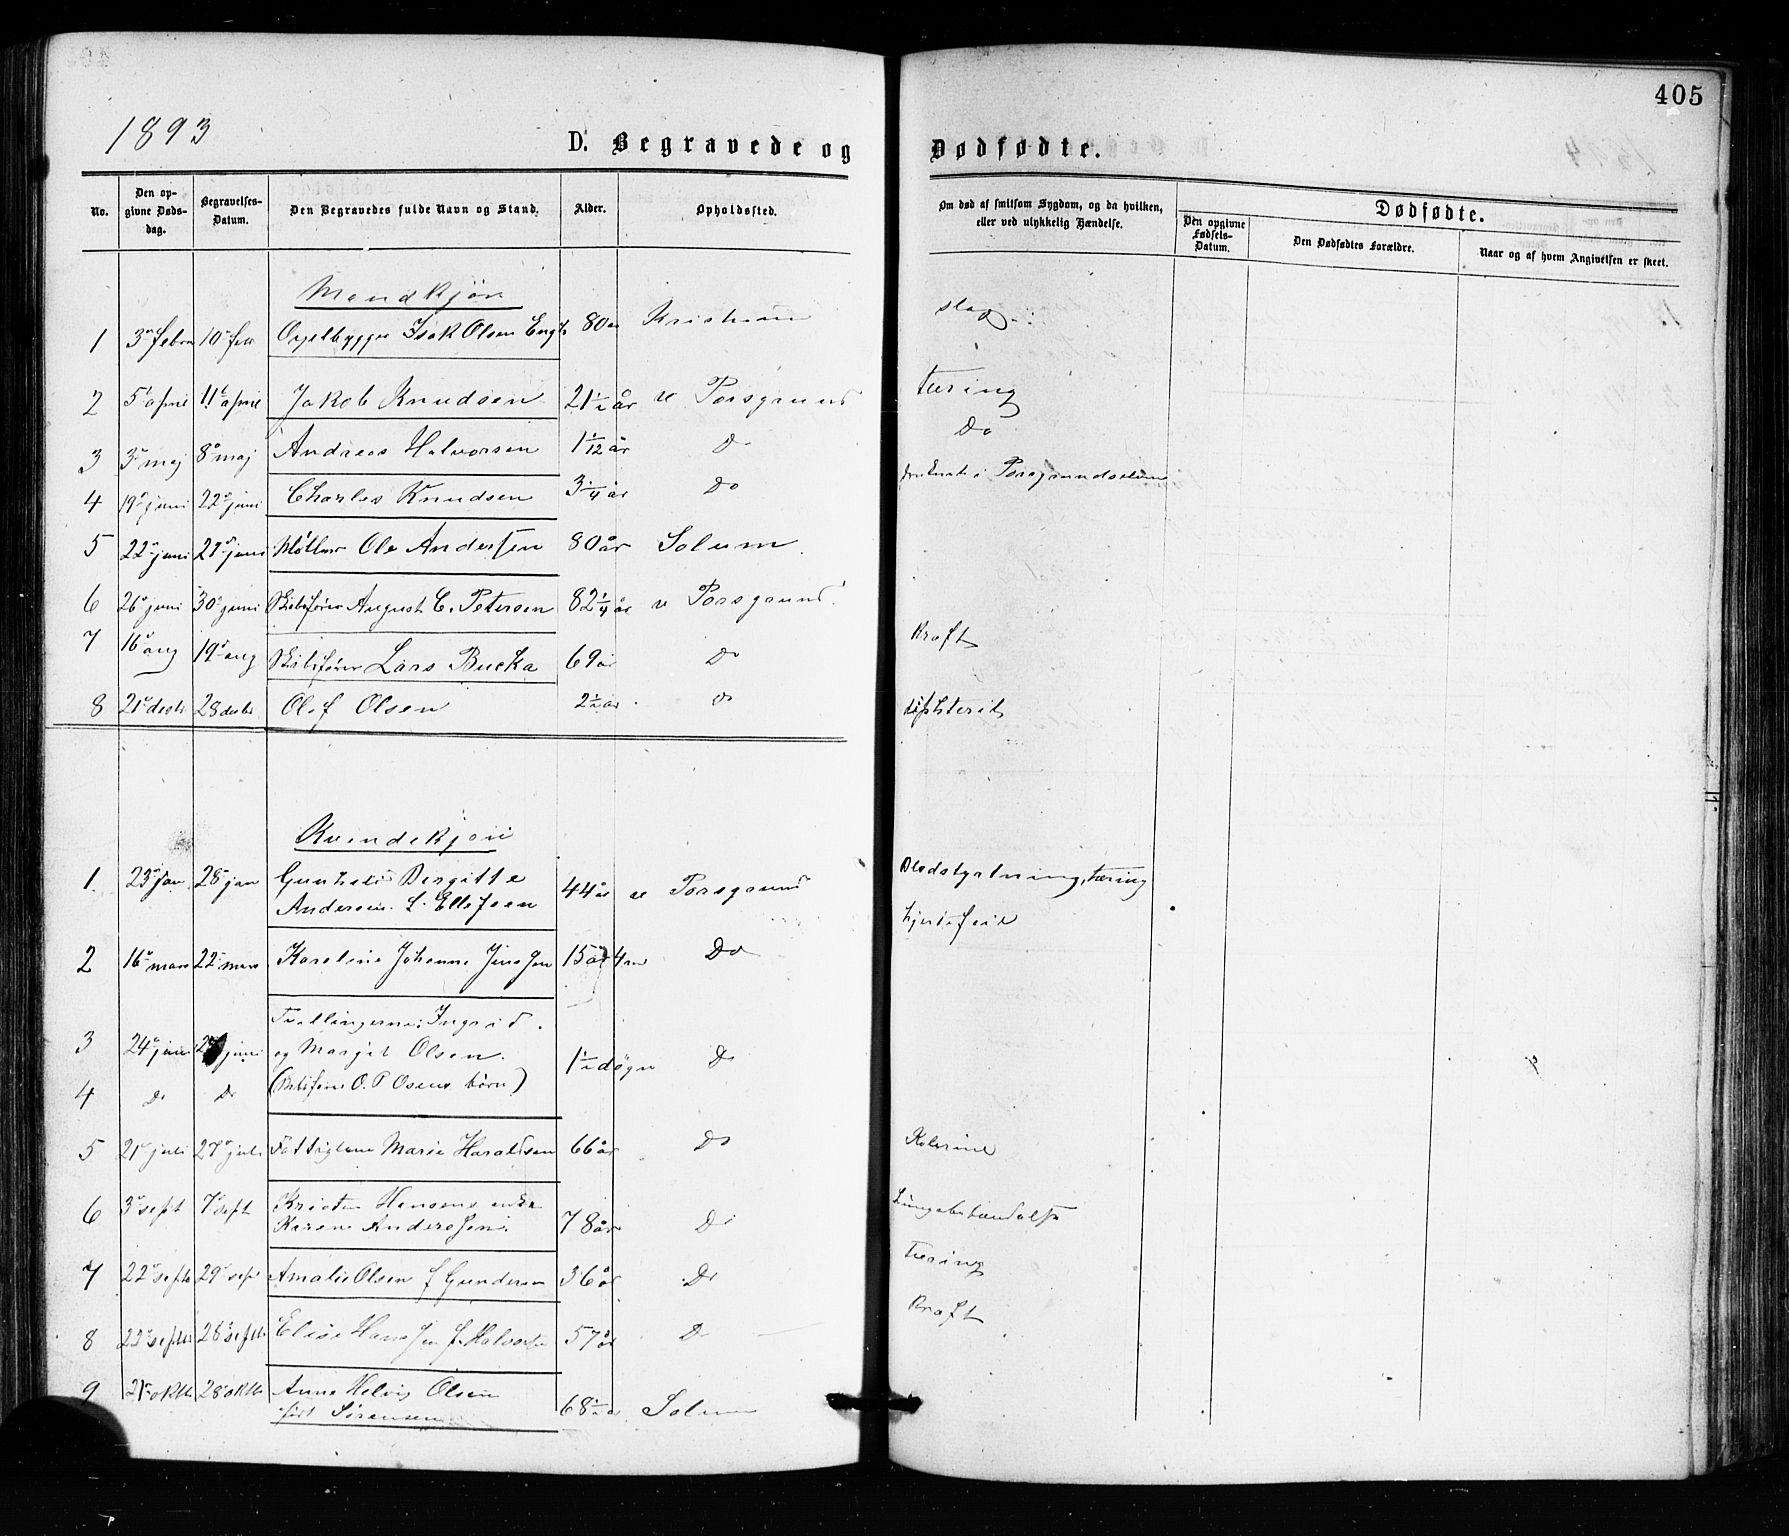 SAKO, Porsgrunn kirkebøker , G/Ga/L0003: Klokkerbok nr. I 3, 1877-1915, s. 405